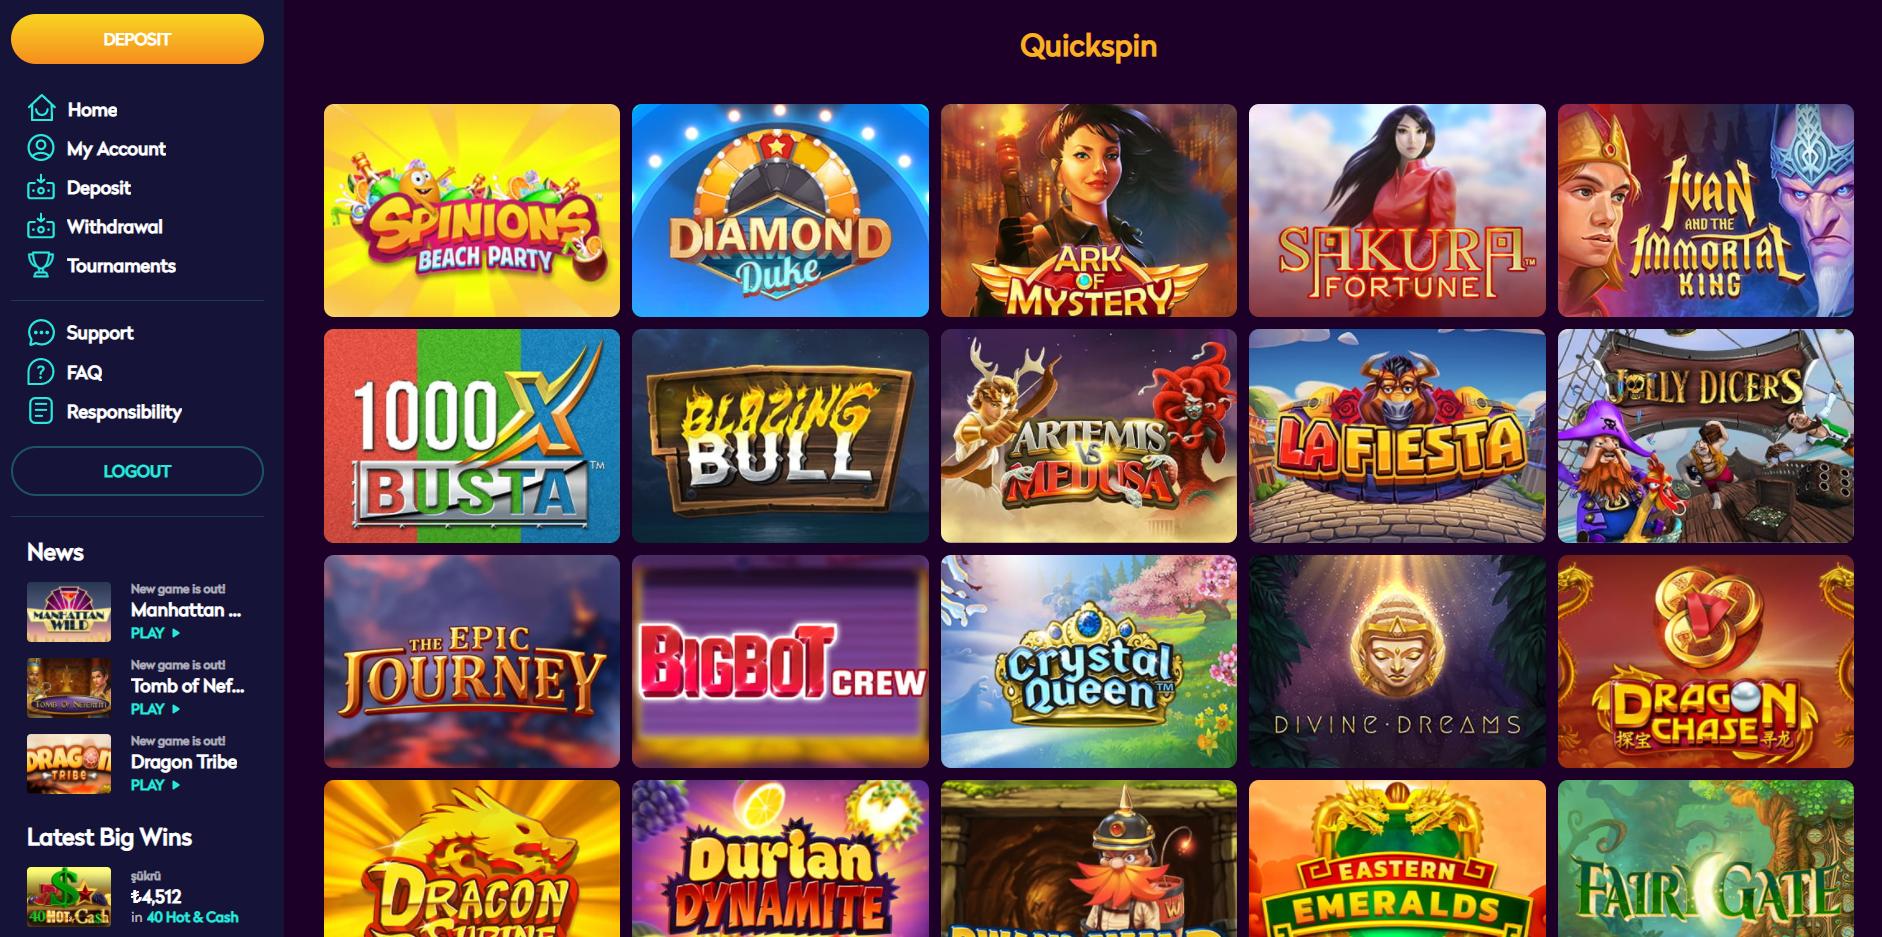 casino360 quickspin lošimo automatai sakura fortune durian dynamite la fiesta diamond